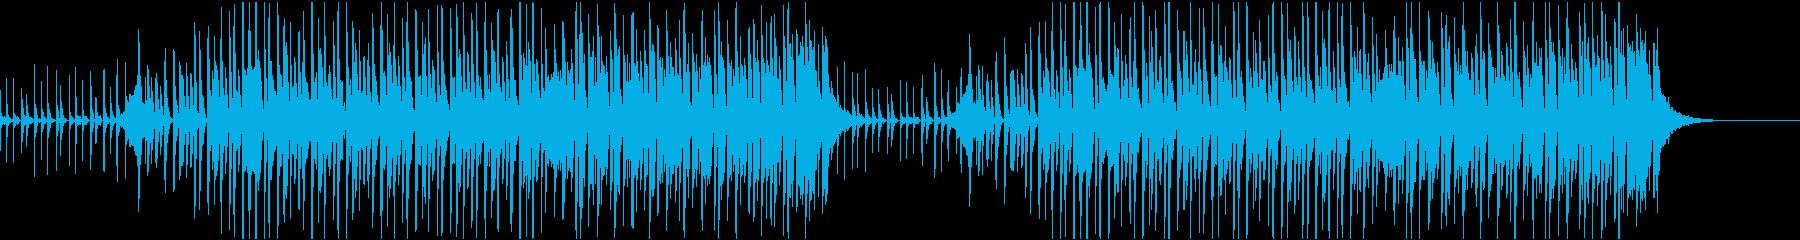 企業VP・コーポレート / EDM:1の再生済みの波形